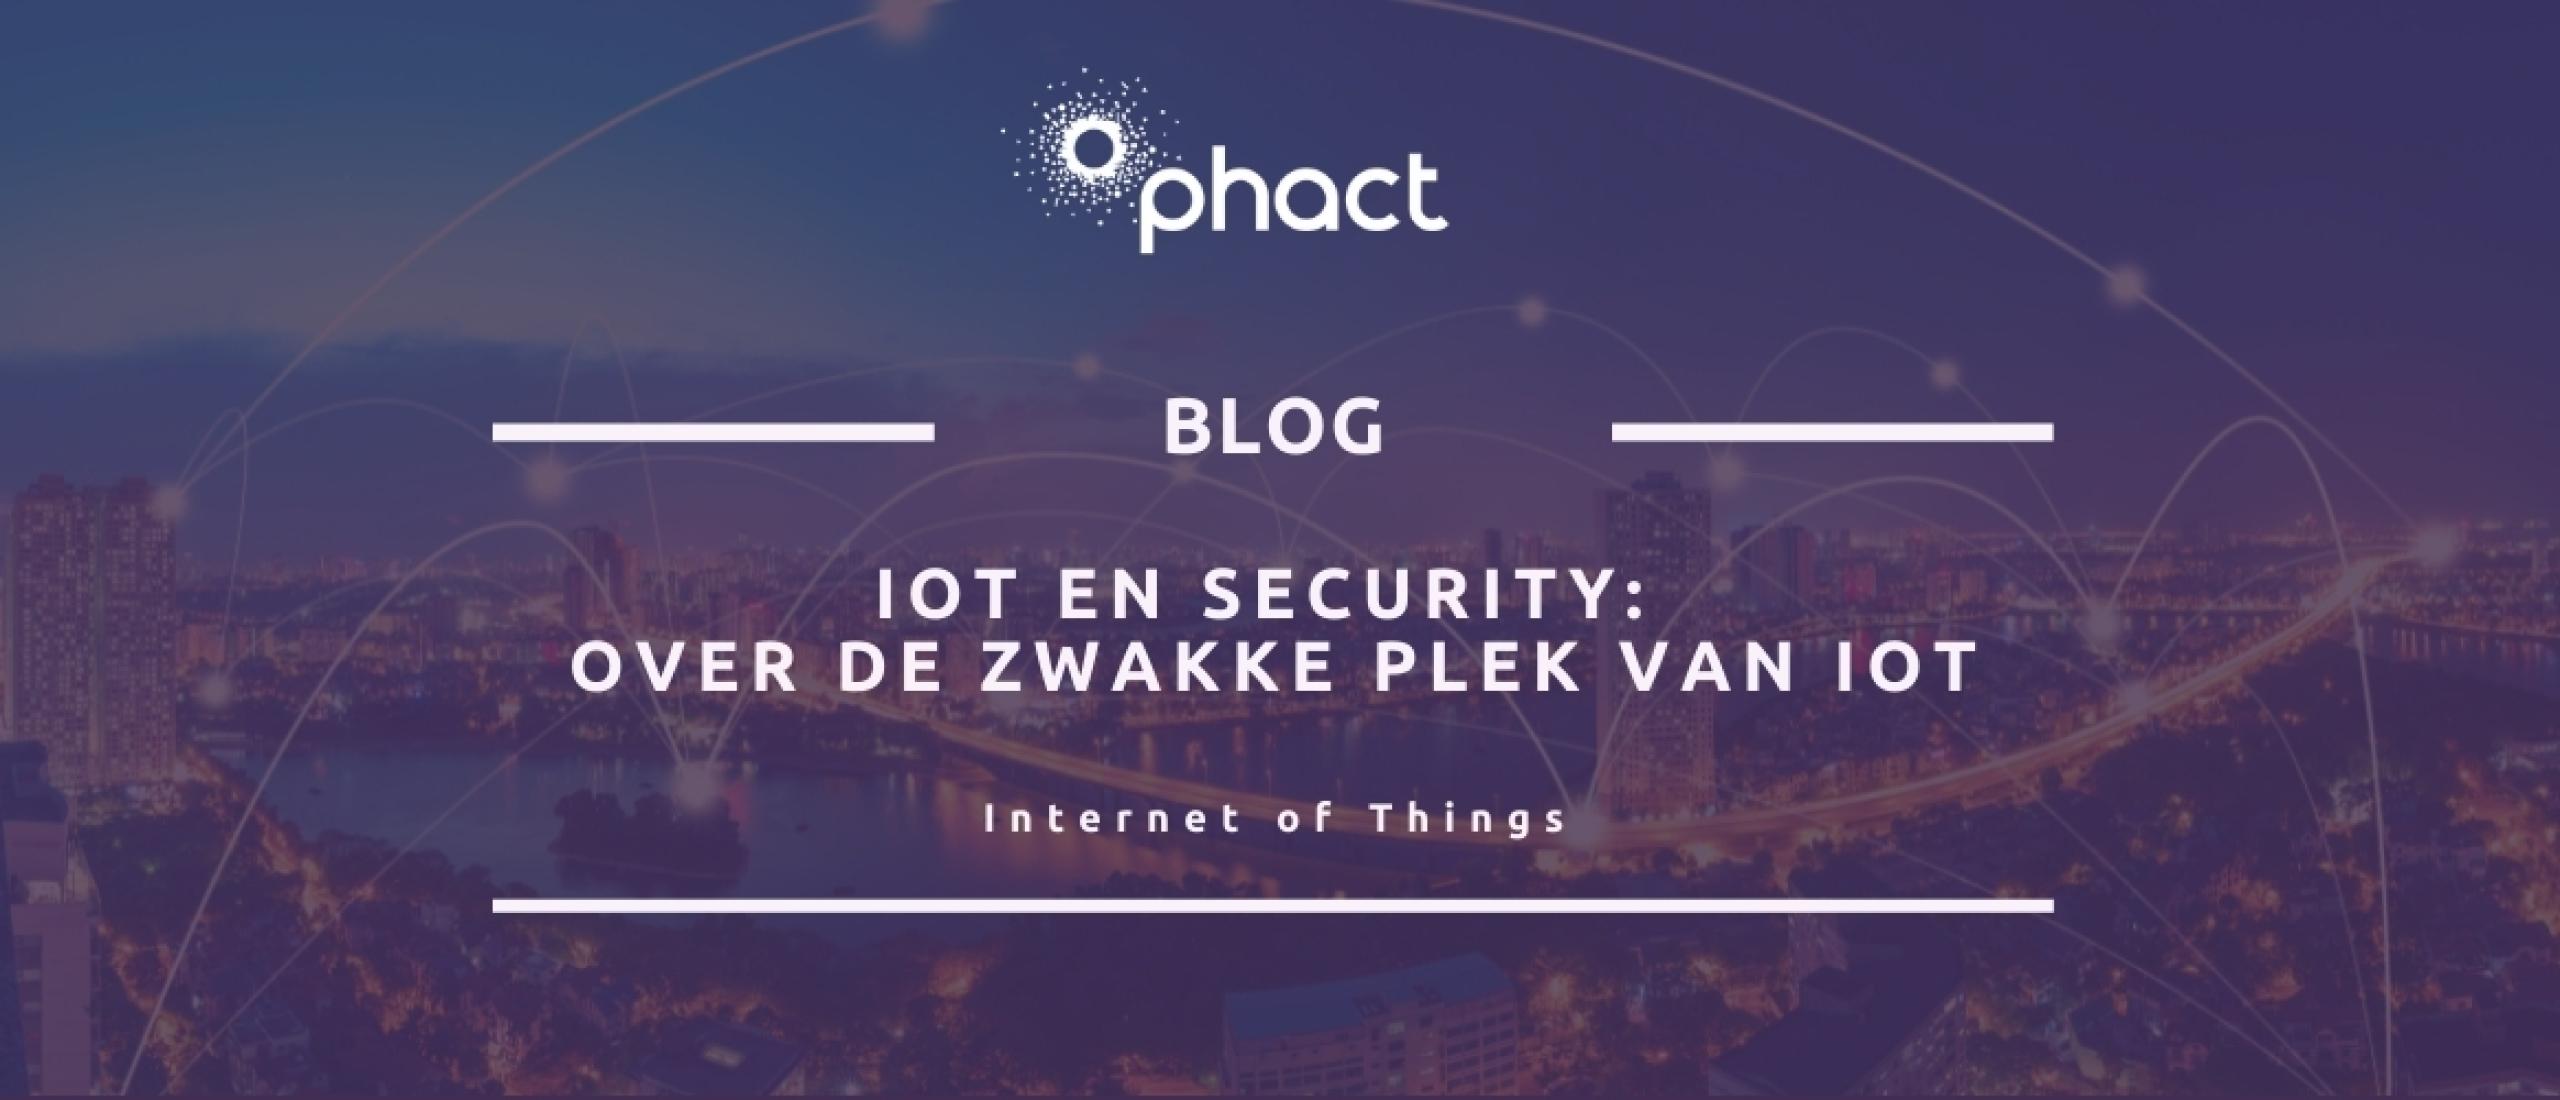 IoT en security: over de zwakke plek van IoT